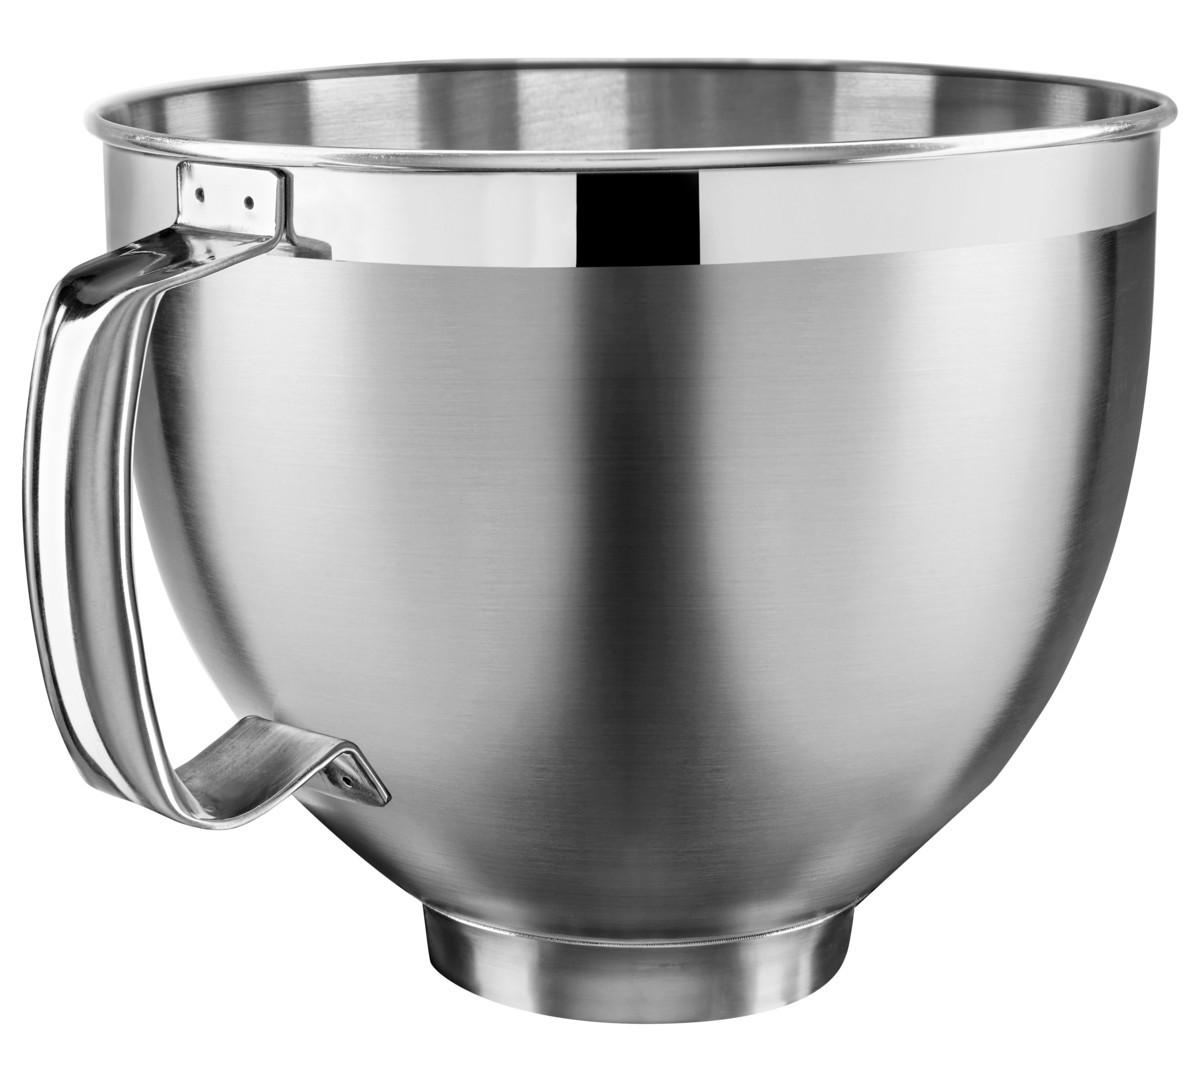 KitchenAid Küchenmaschine 185PS Edelstahlschüssel